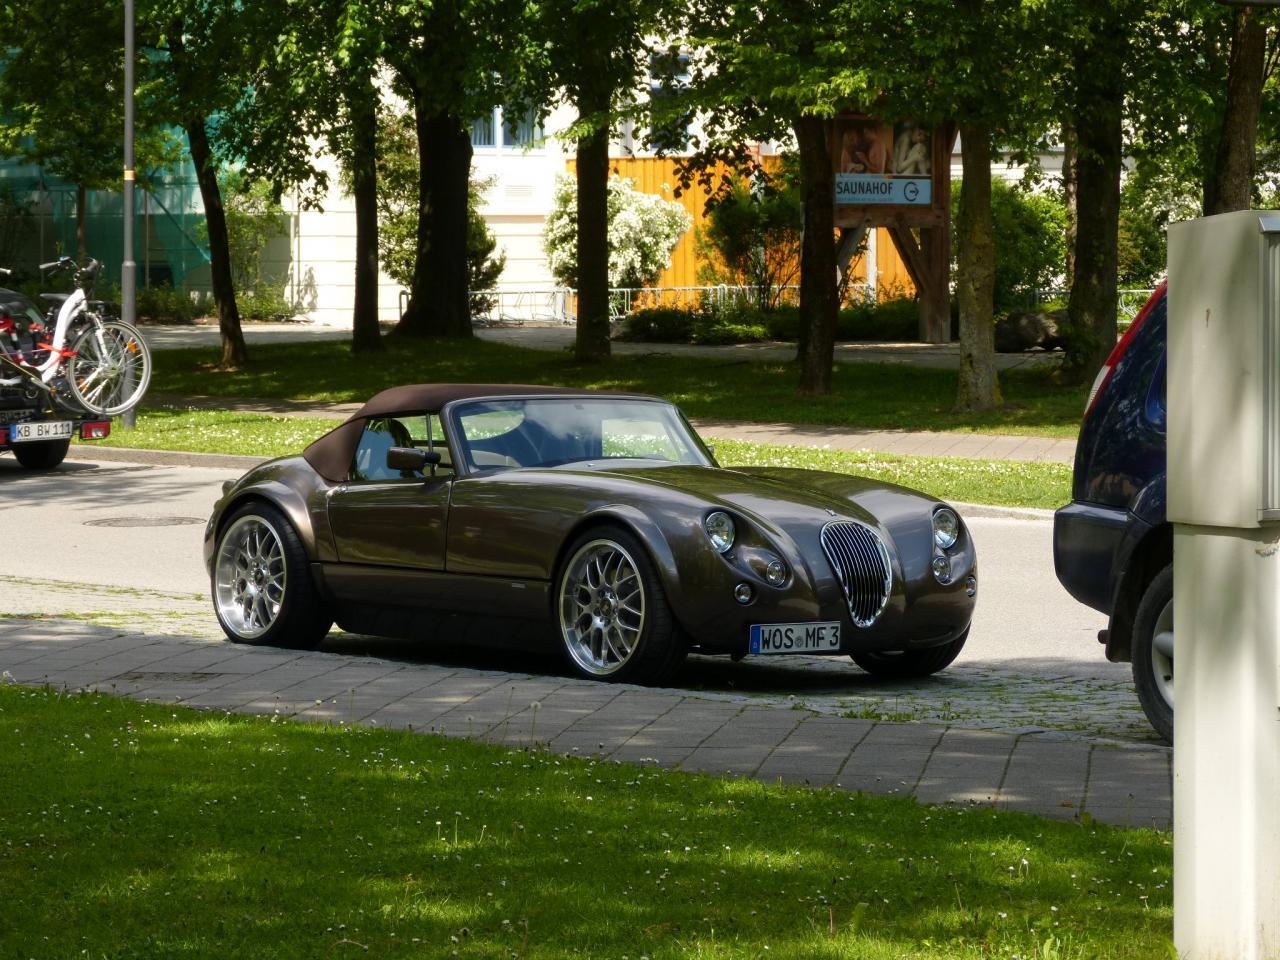 Garage von diffuser wiesmann mf3 for Garage auto quad passion